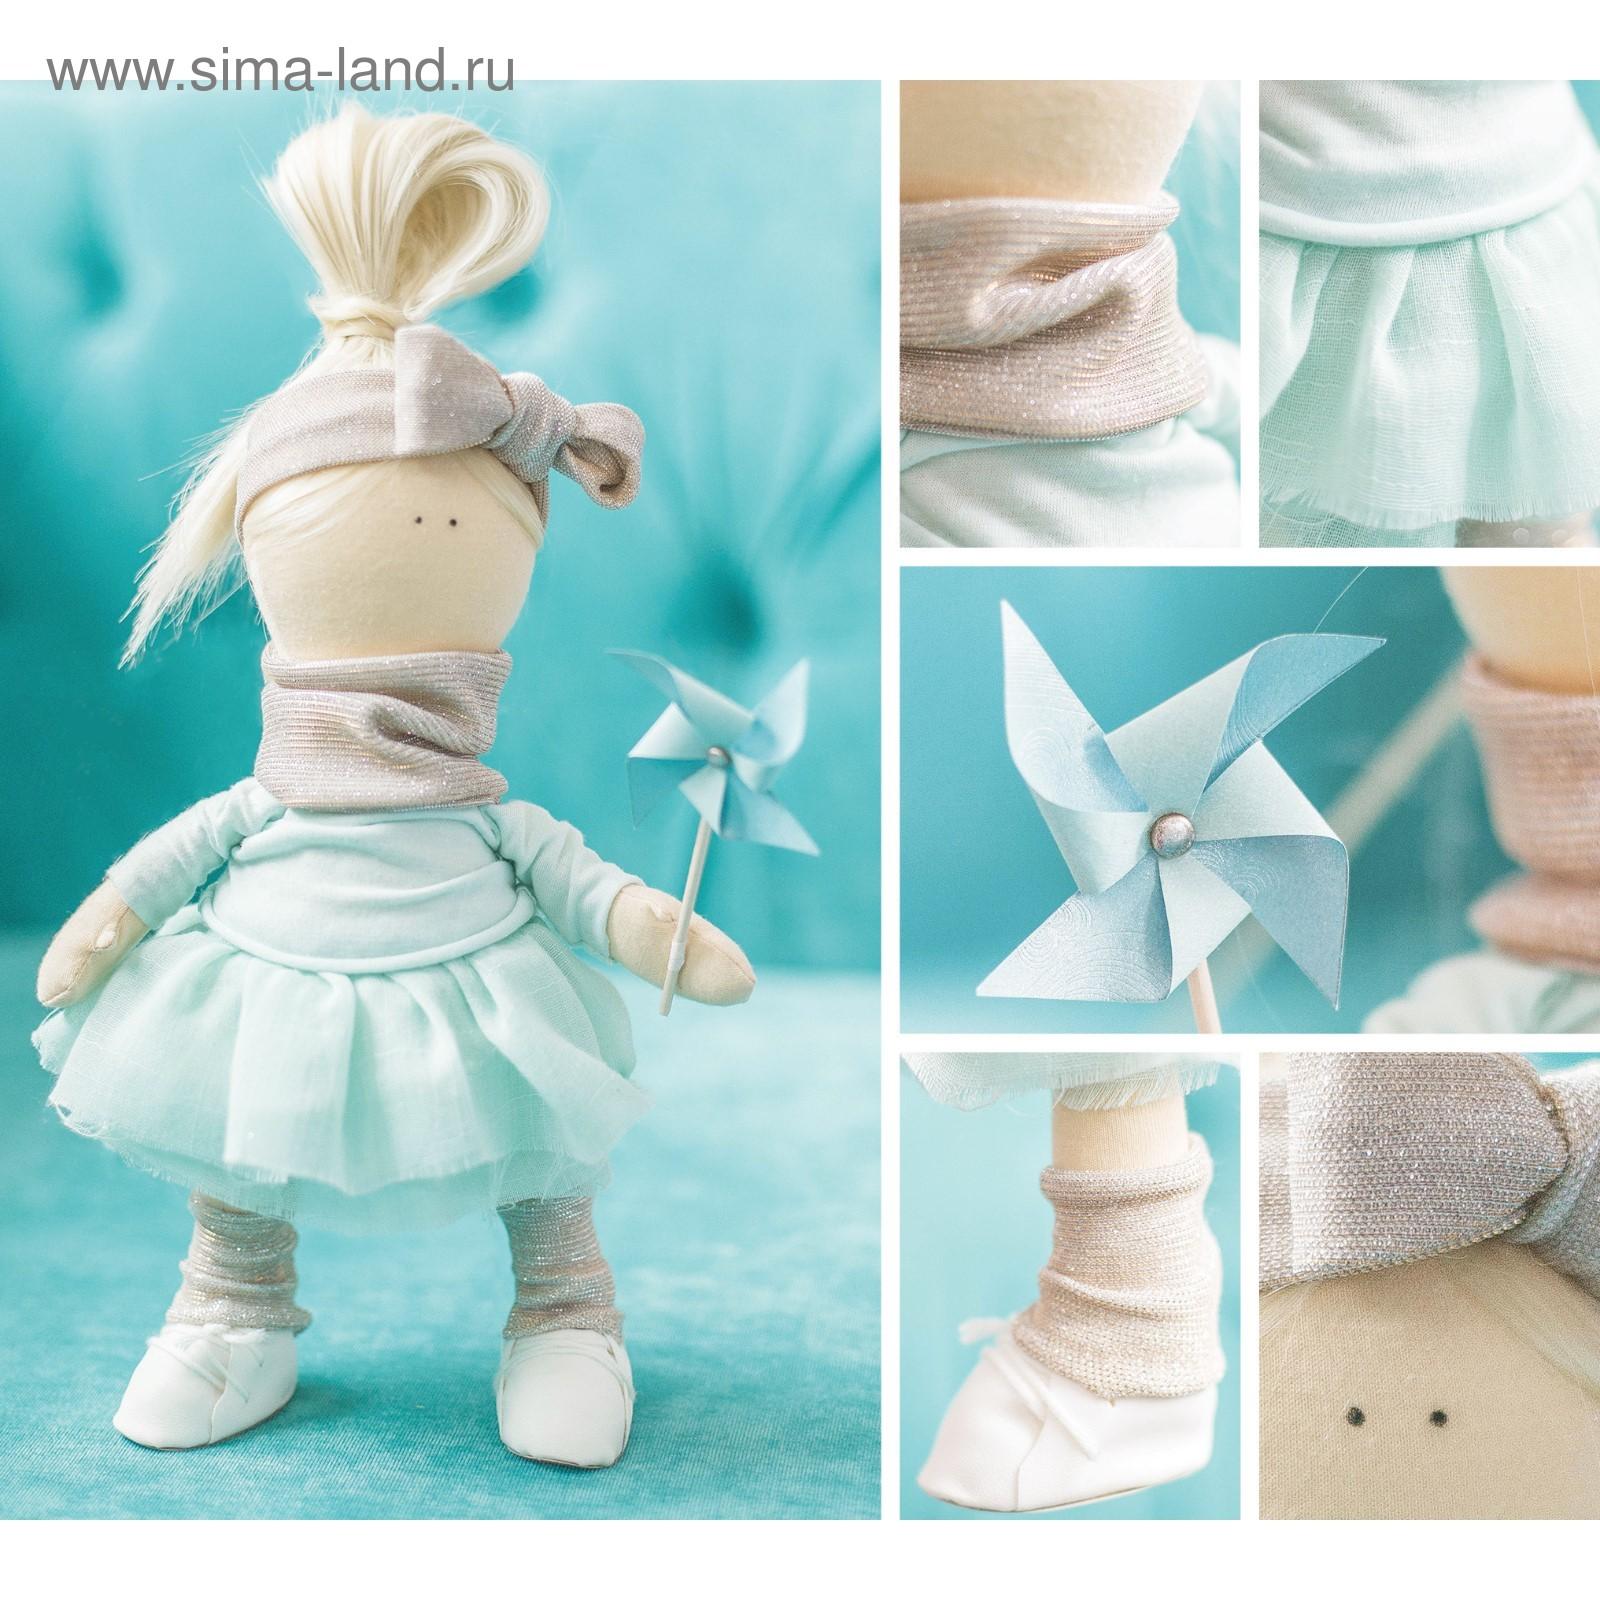 Творч Набор для шитья Кукла Вилу 18*22.5*2.5см